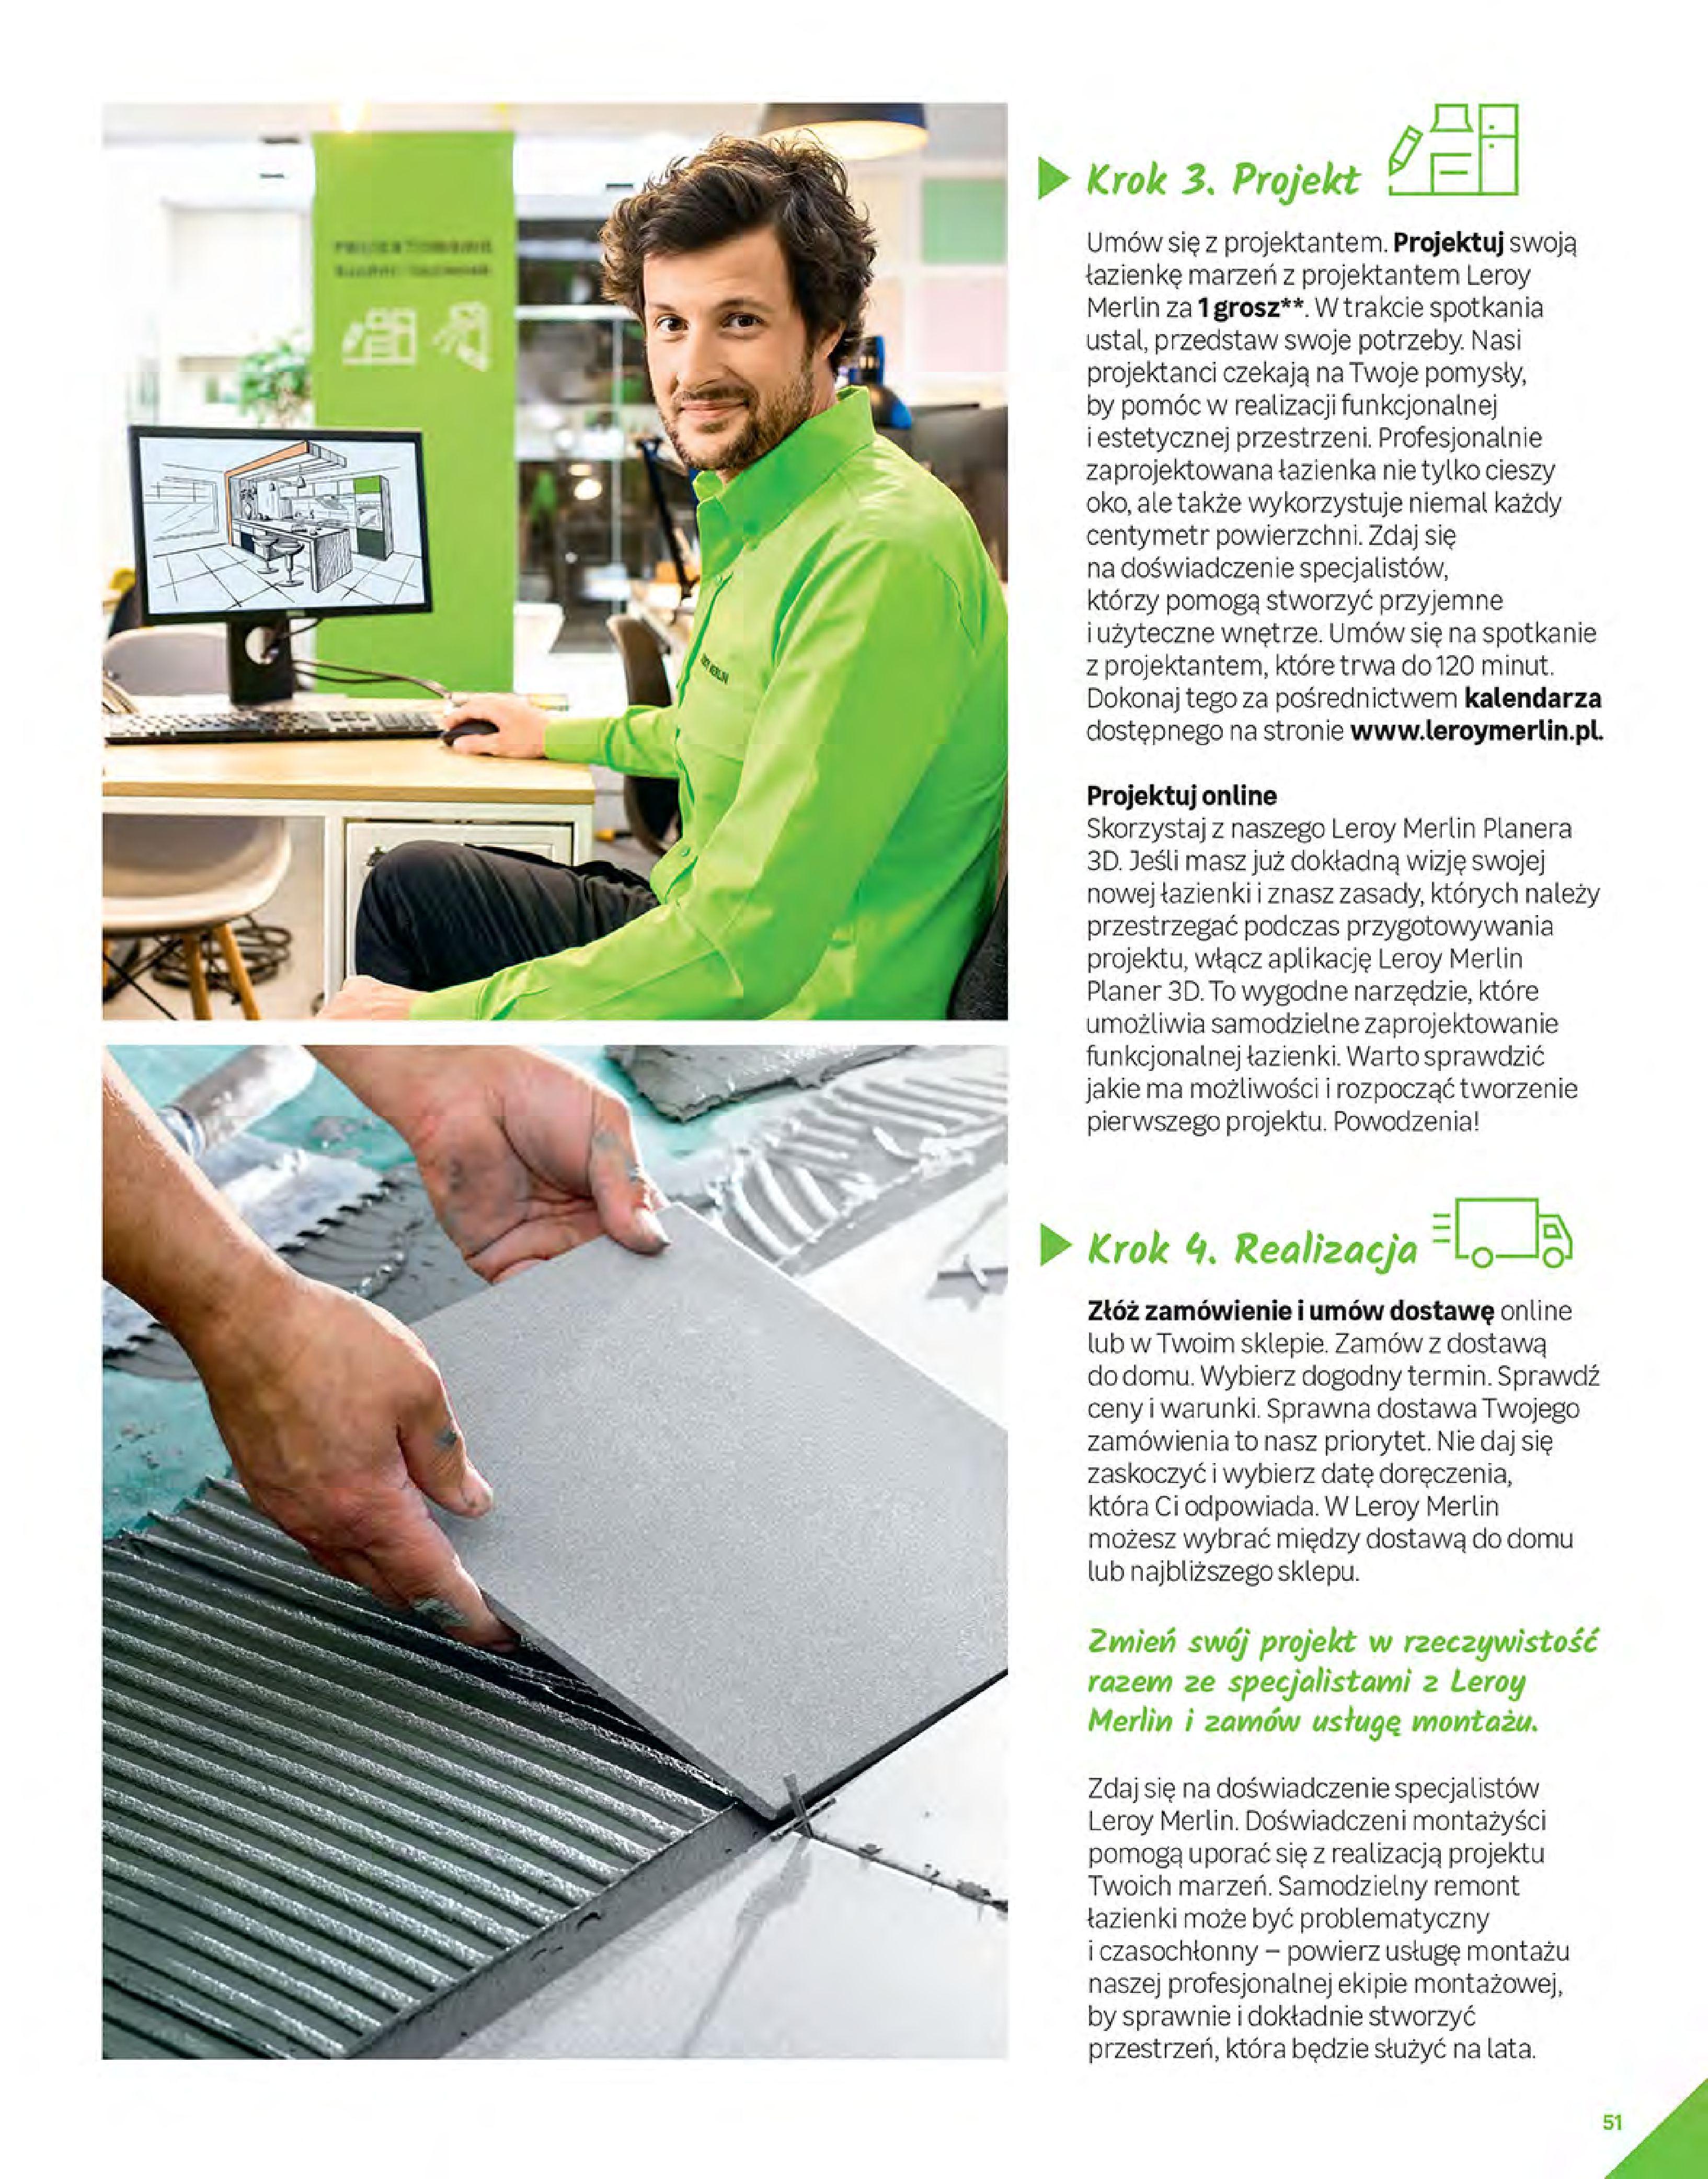 Gazetka Leroy Merlin: Gazetka Leroy Merlin - Katalog Projekty 2021-06-01 page-51